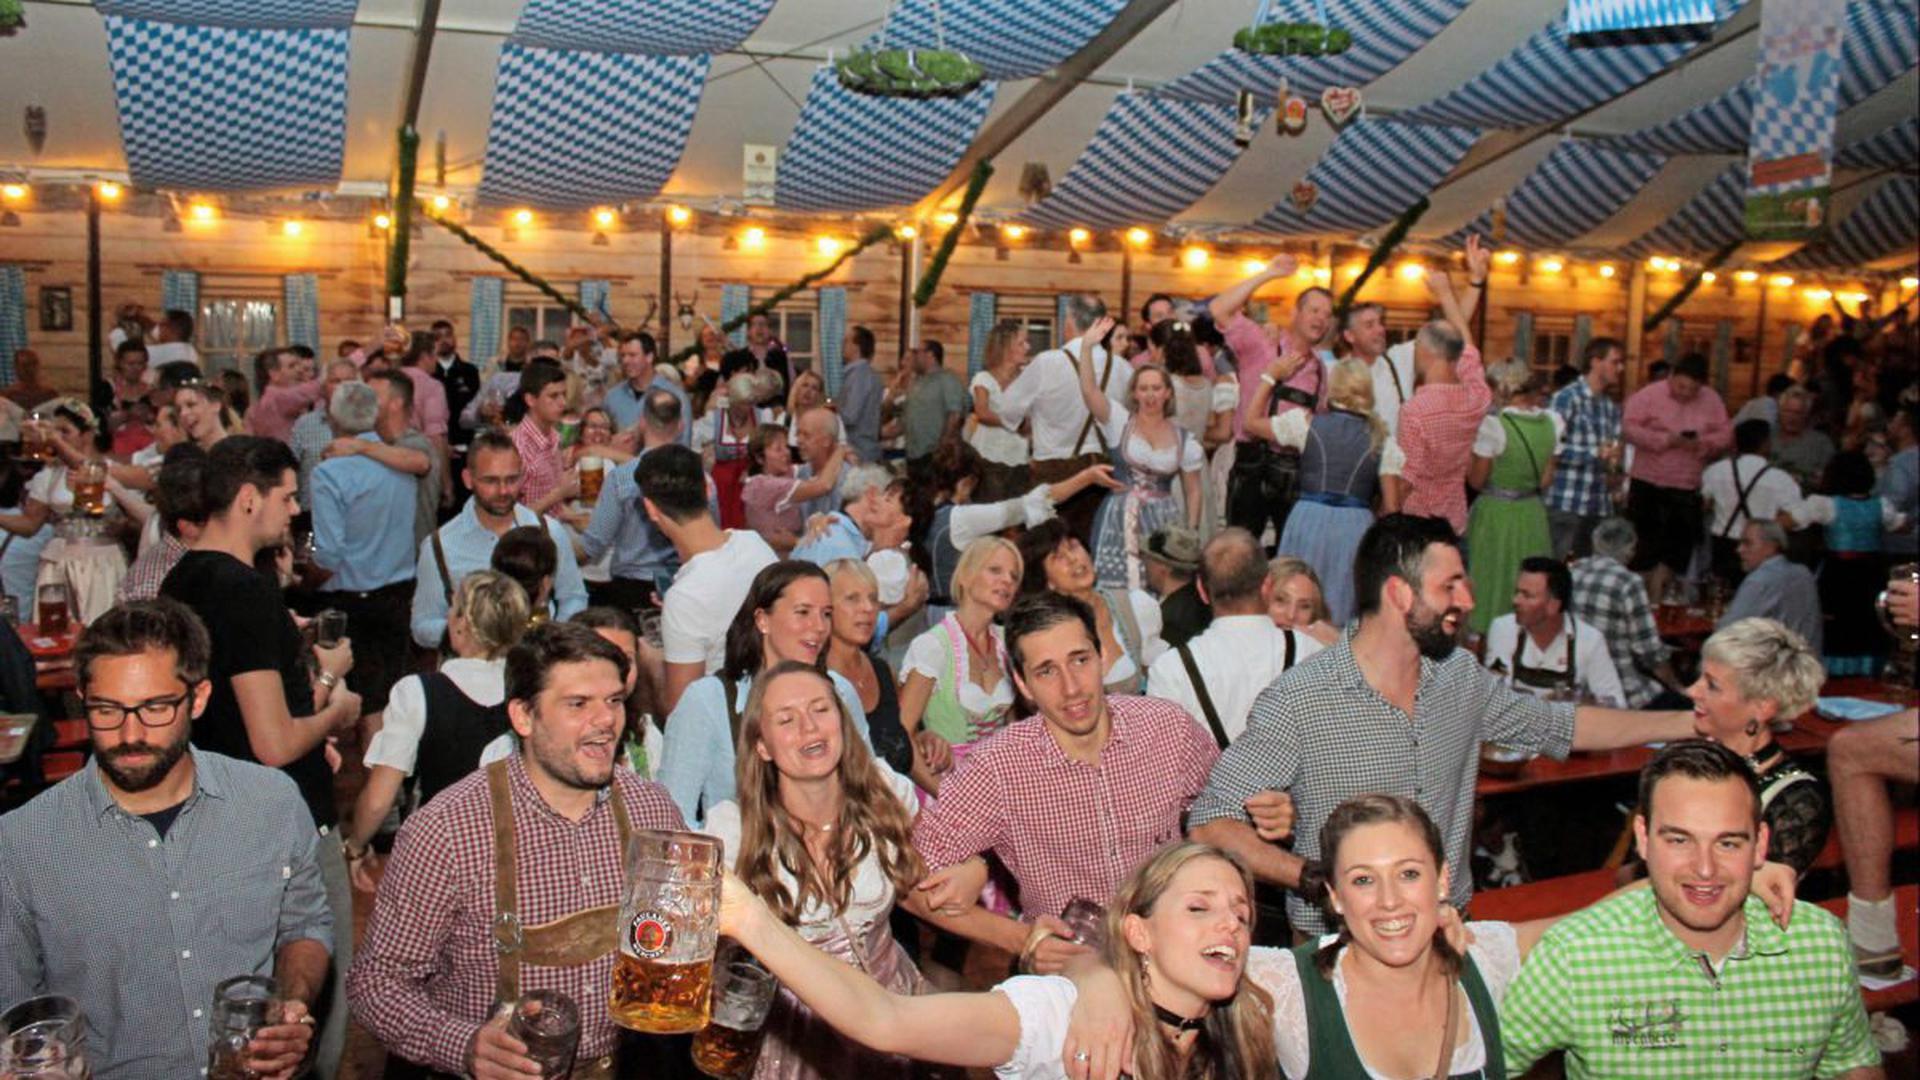 Von wegen nur die Bayern können Oktoberfest. Im Festzelt auf dem Messplatz zeigten auch die Badener beim Karlsruher Oktoberfest, wo der Festhammer hängt.